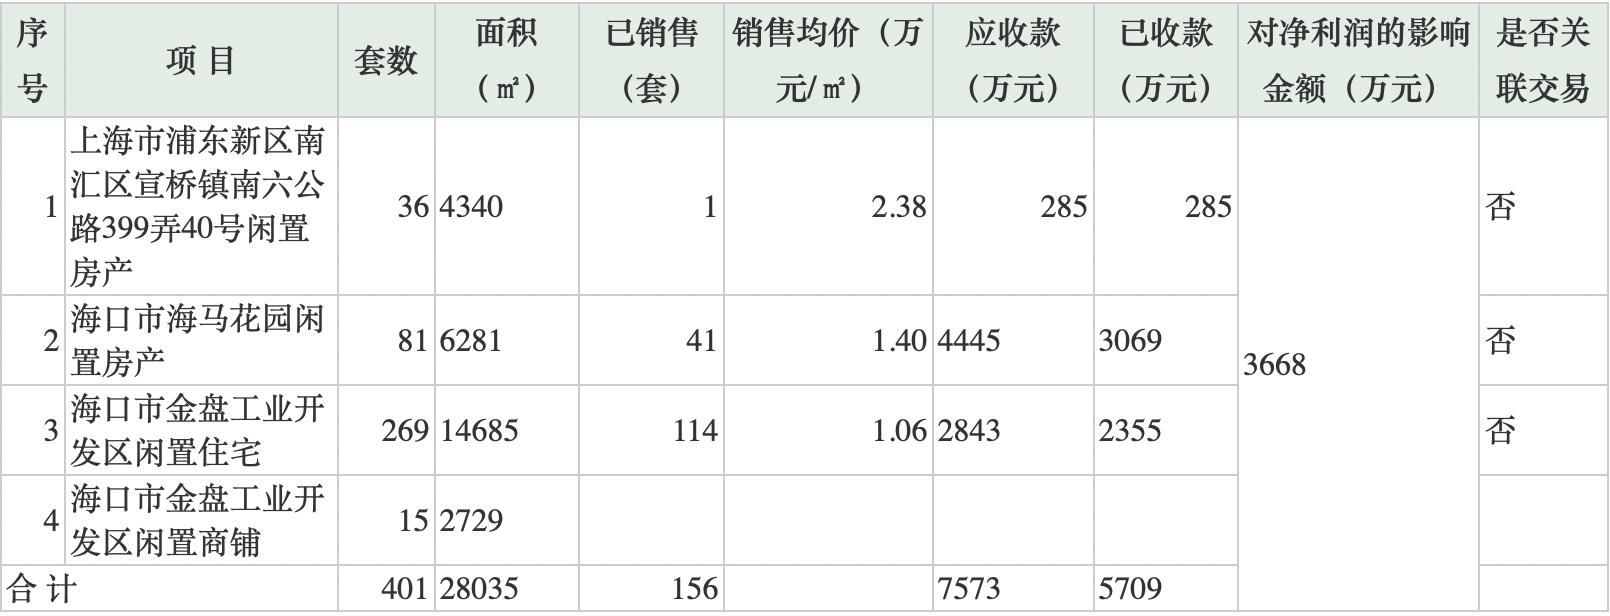 快讯:港股恒指跌幅扩大至0.76% 手机设备股集体大跌